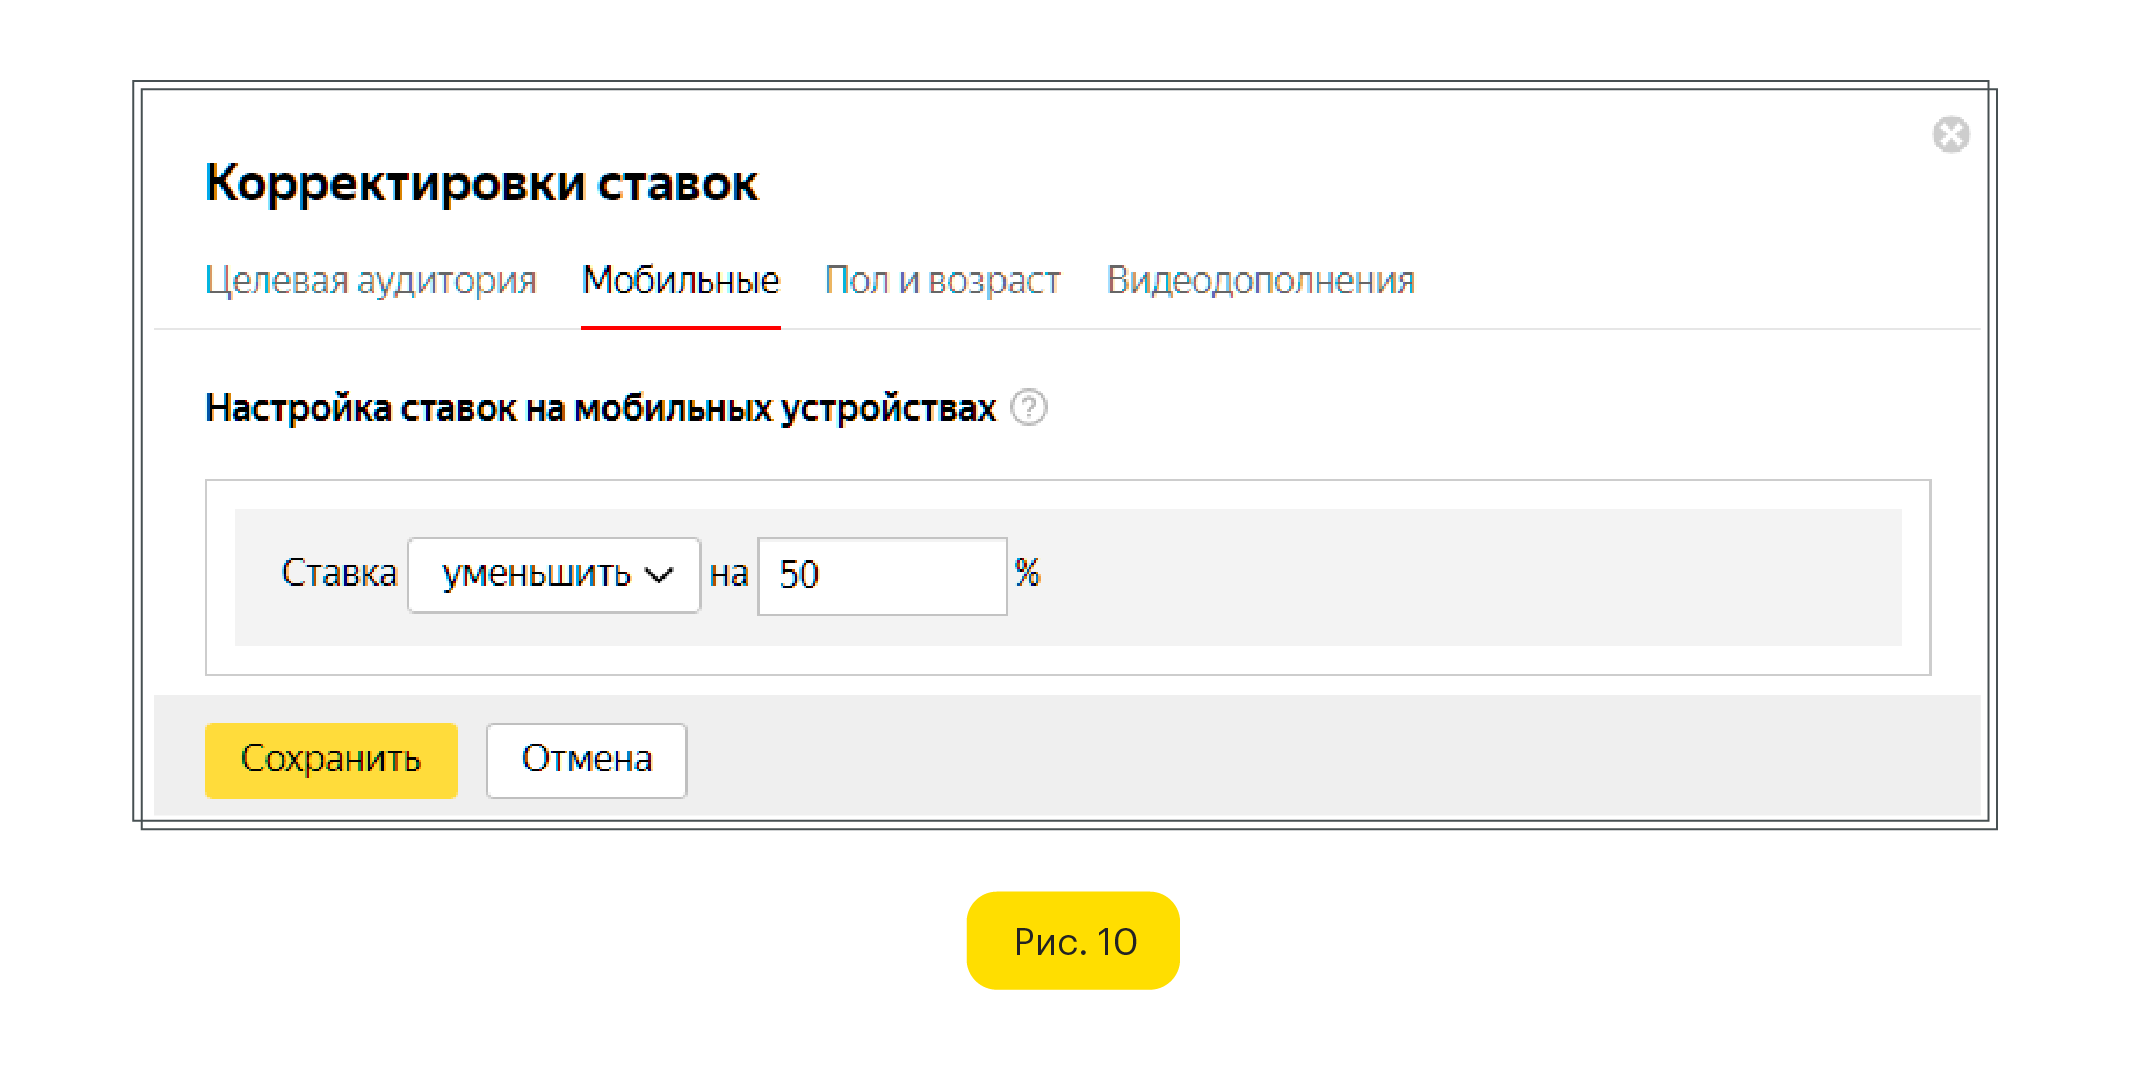 Корректировка ставок на мобильные Яндекс Директ